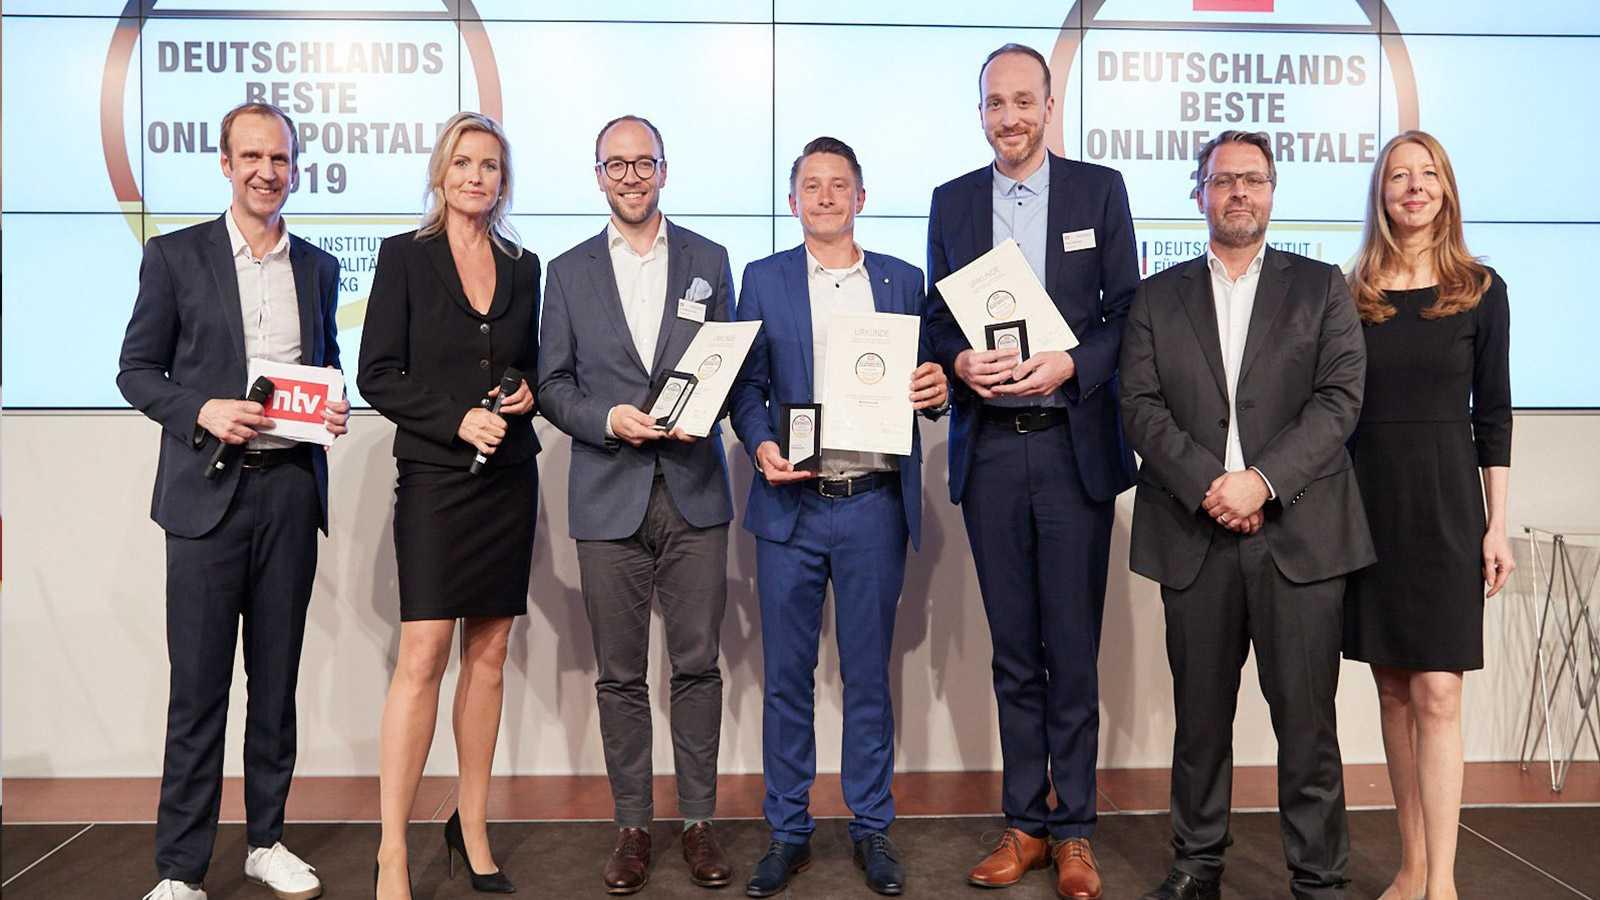 Deutschlands bestesHhausbauportal-gewinner